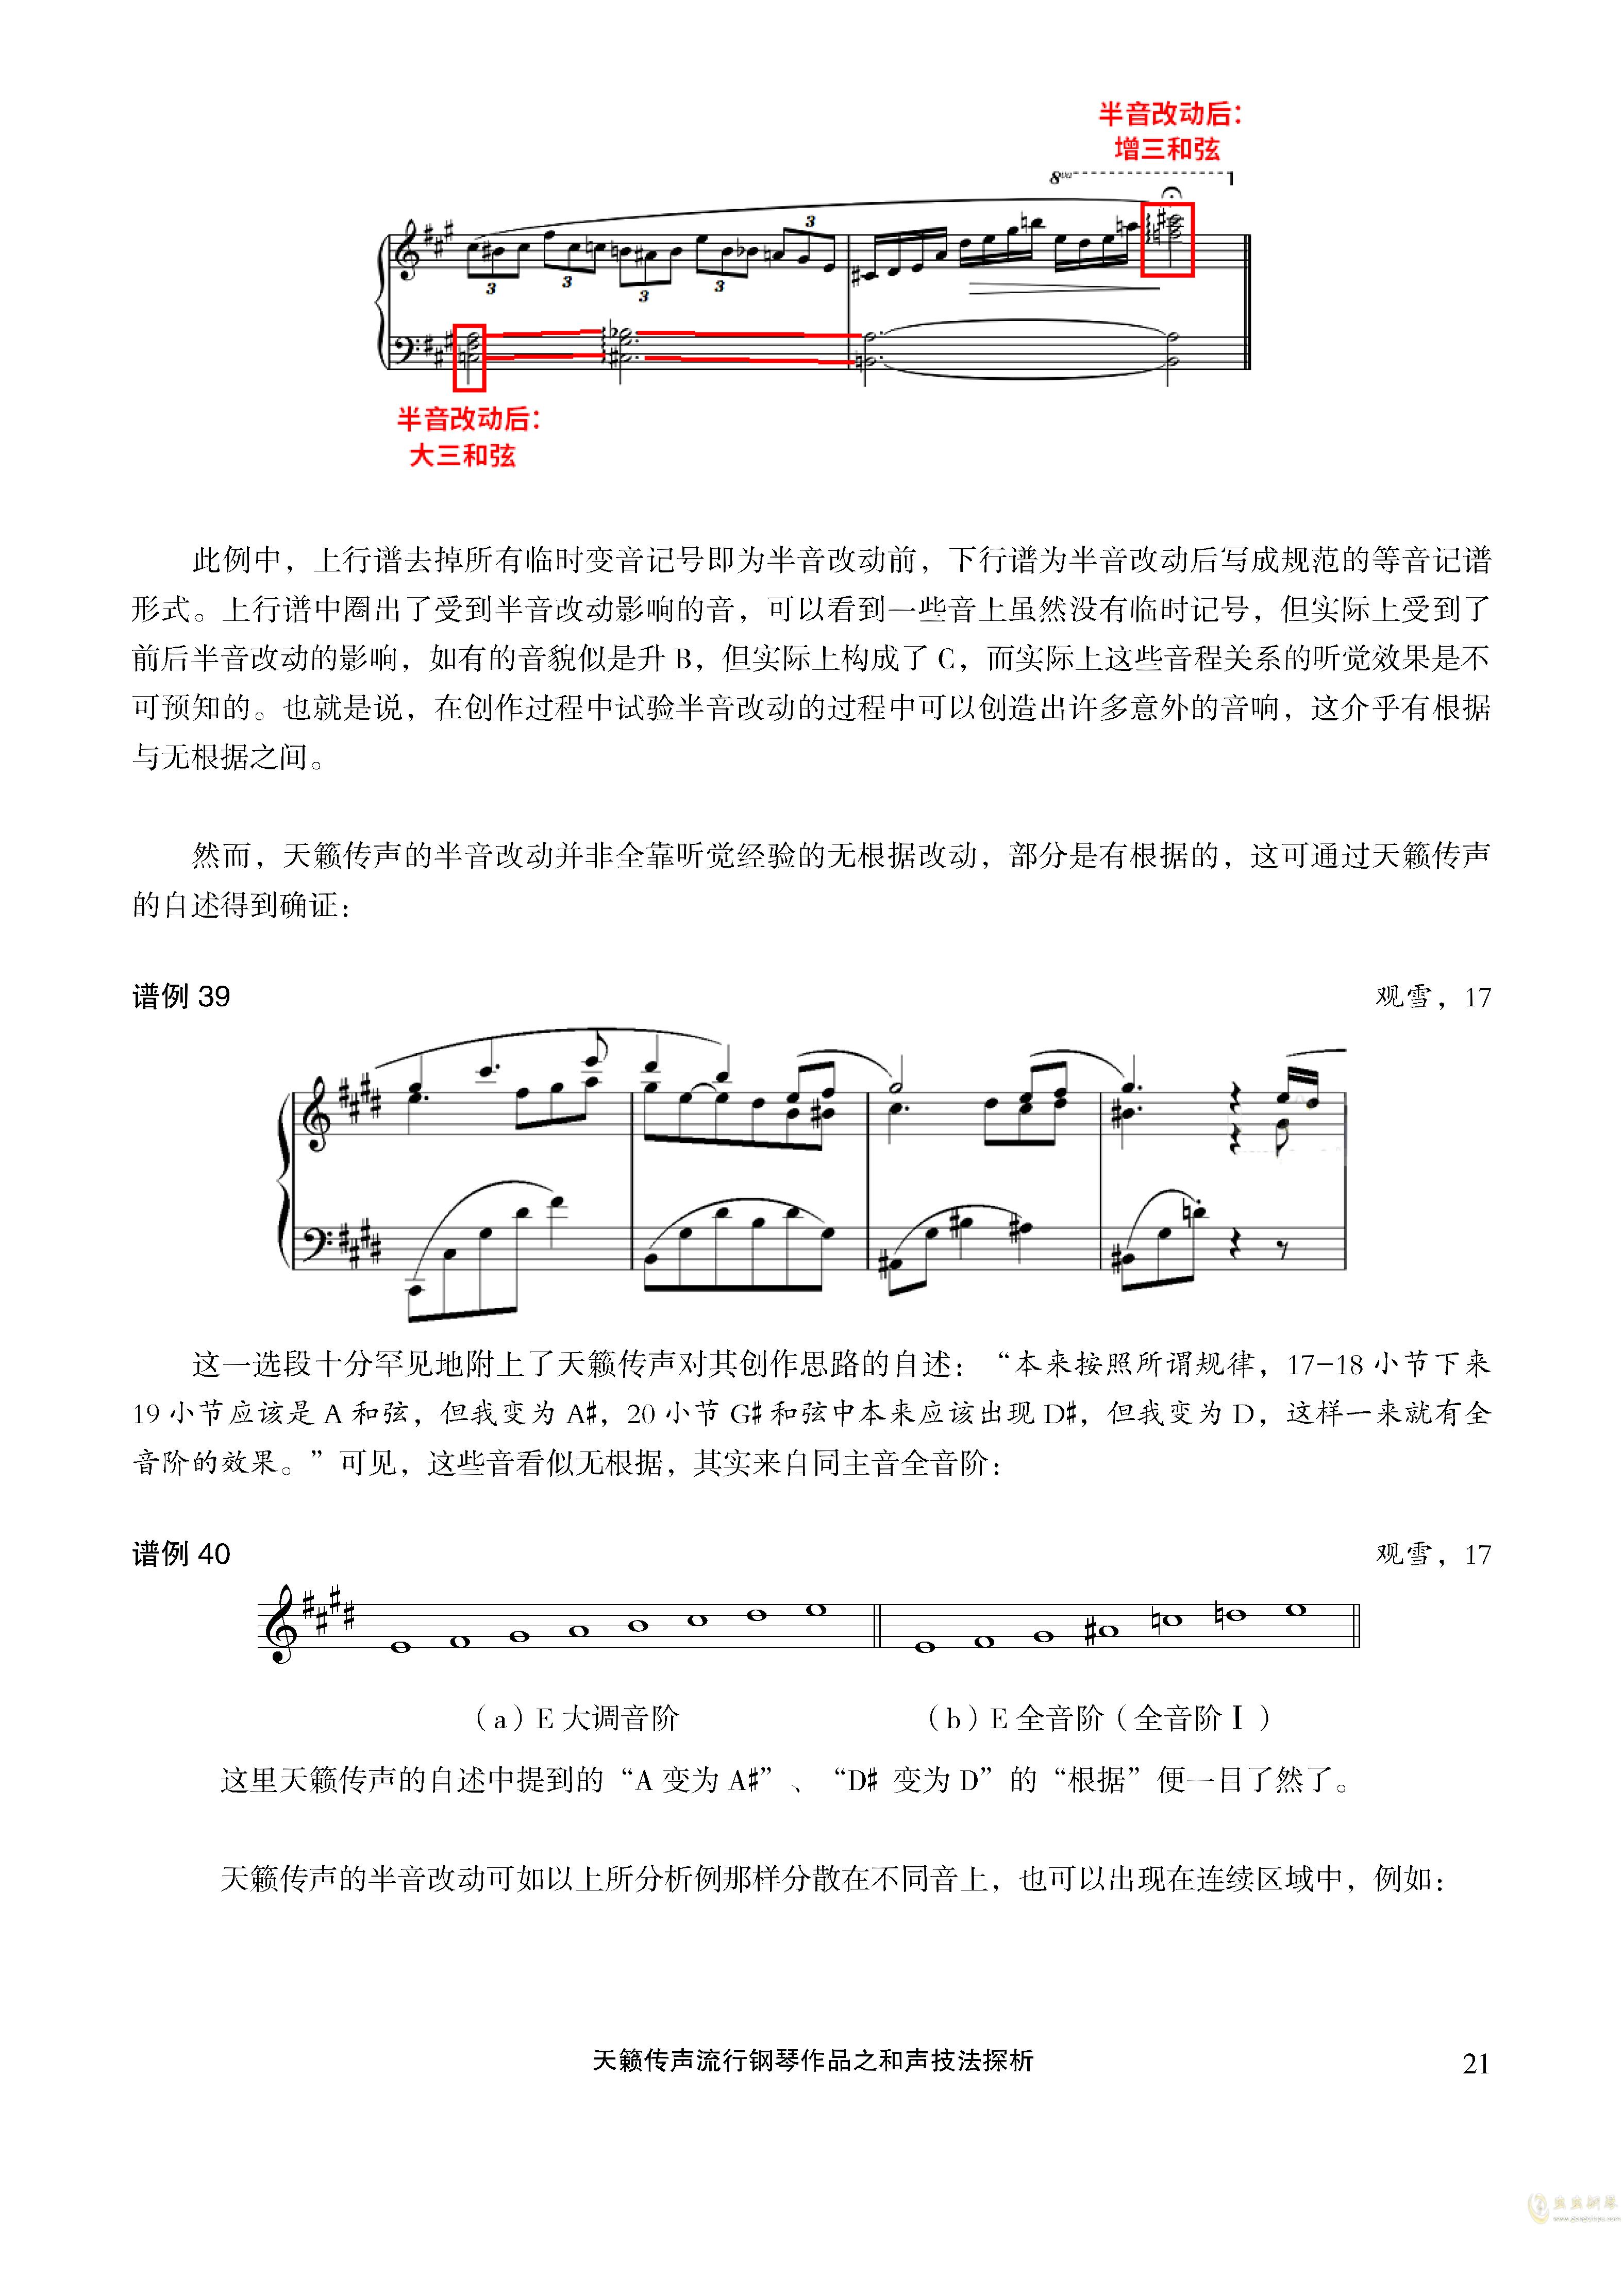 天籁传声和声技法探析澳门星际官网 第21页